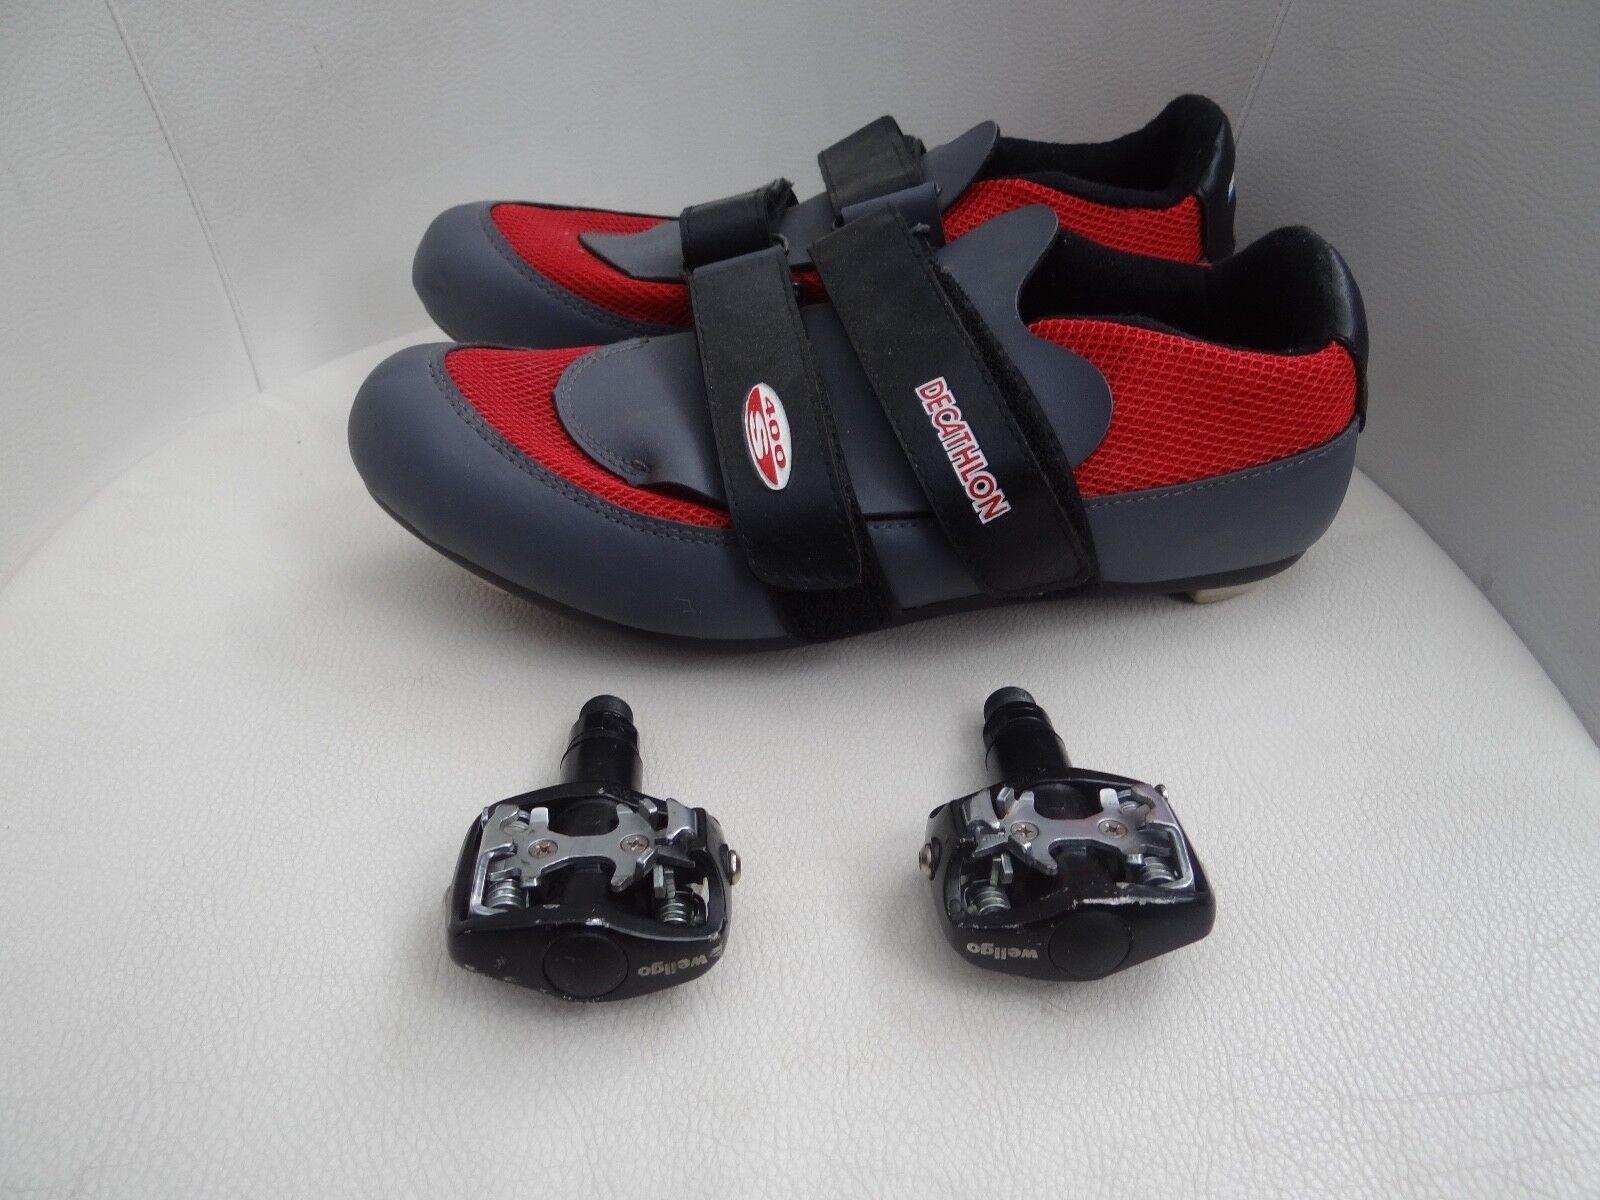 Set de Chaussures Vélo DECATHLON avec pédales adaptées 44